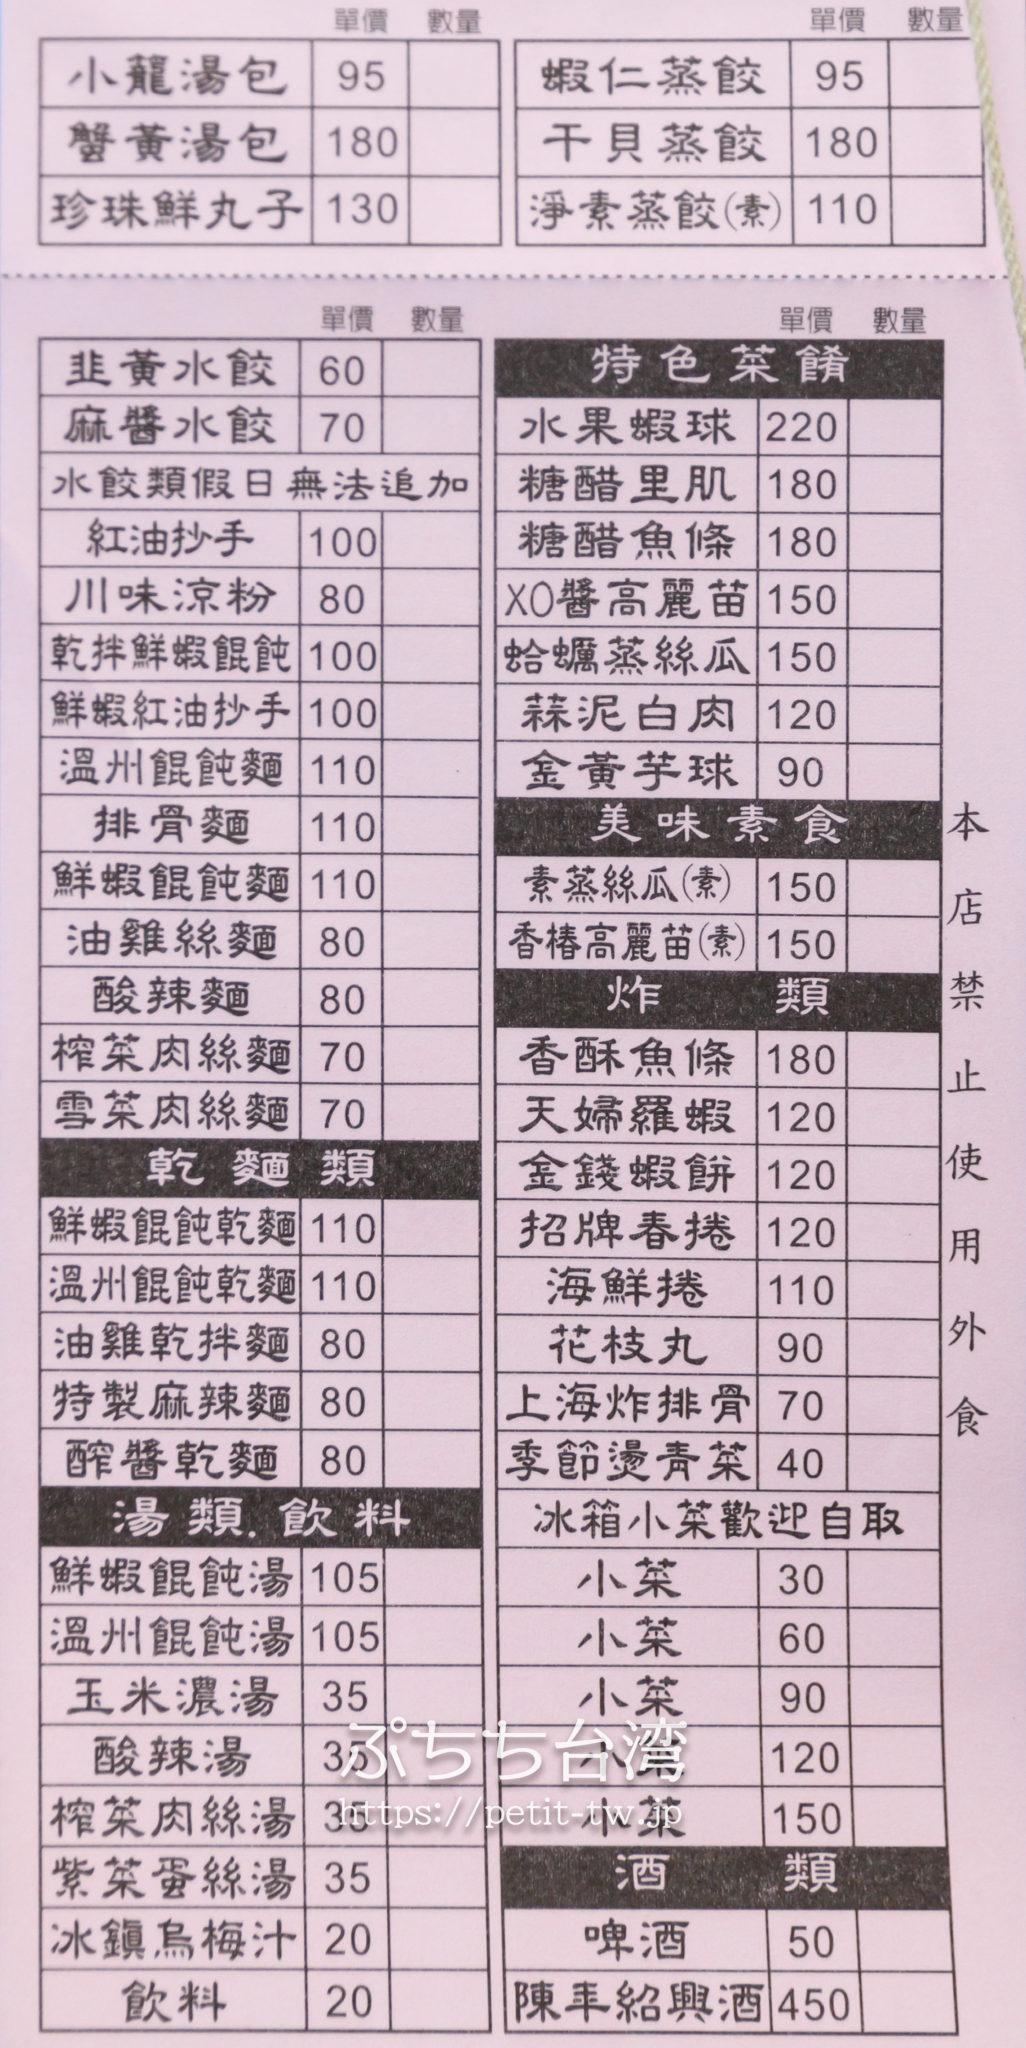 上海好味道小籠湯包のメニュー・注文票